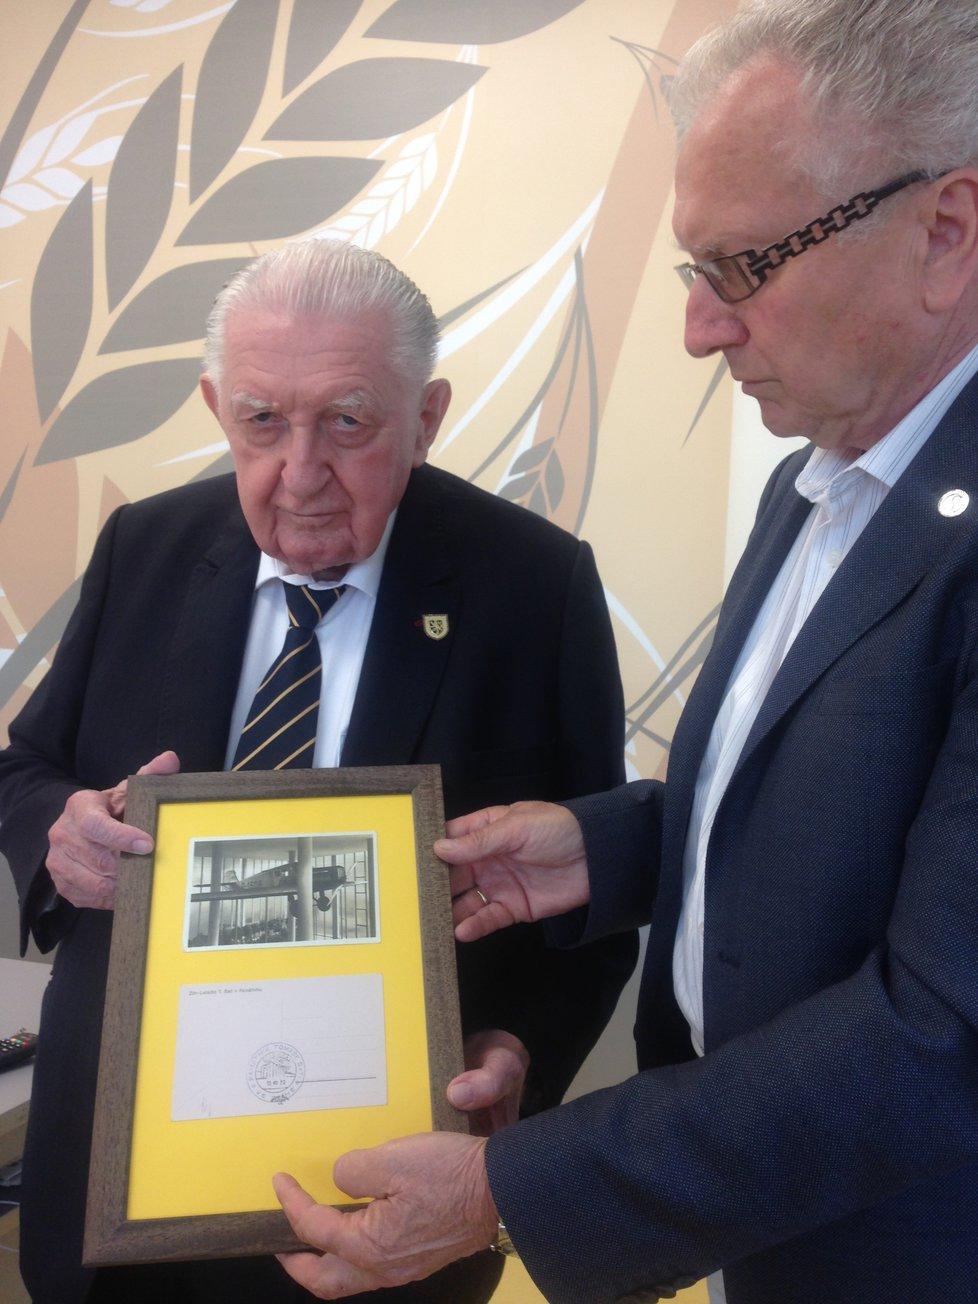 První foto Františka Čuby po operaci. Na veřejnosti se dosud neobjevil, zúčastnil se pouze soukromého setkání se stranickým šéfem Janem Velebou (SPO), který je zároveň předsedou senátorského klubu, do kterého Čuba patří.